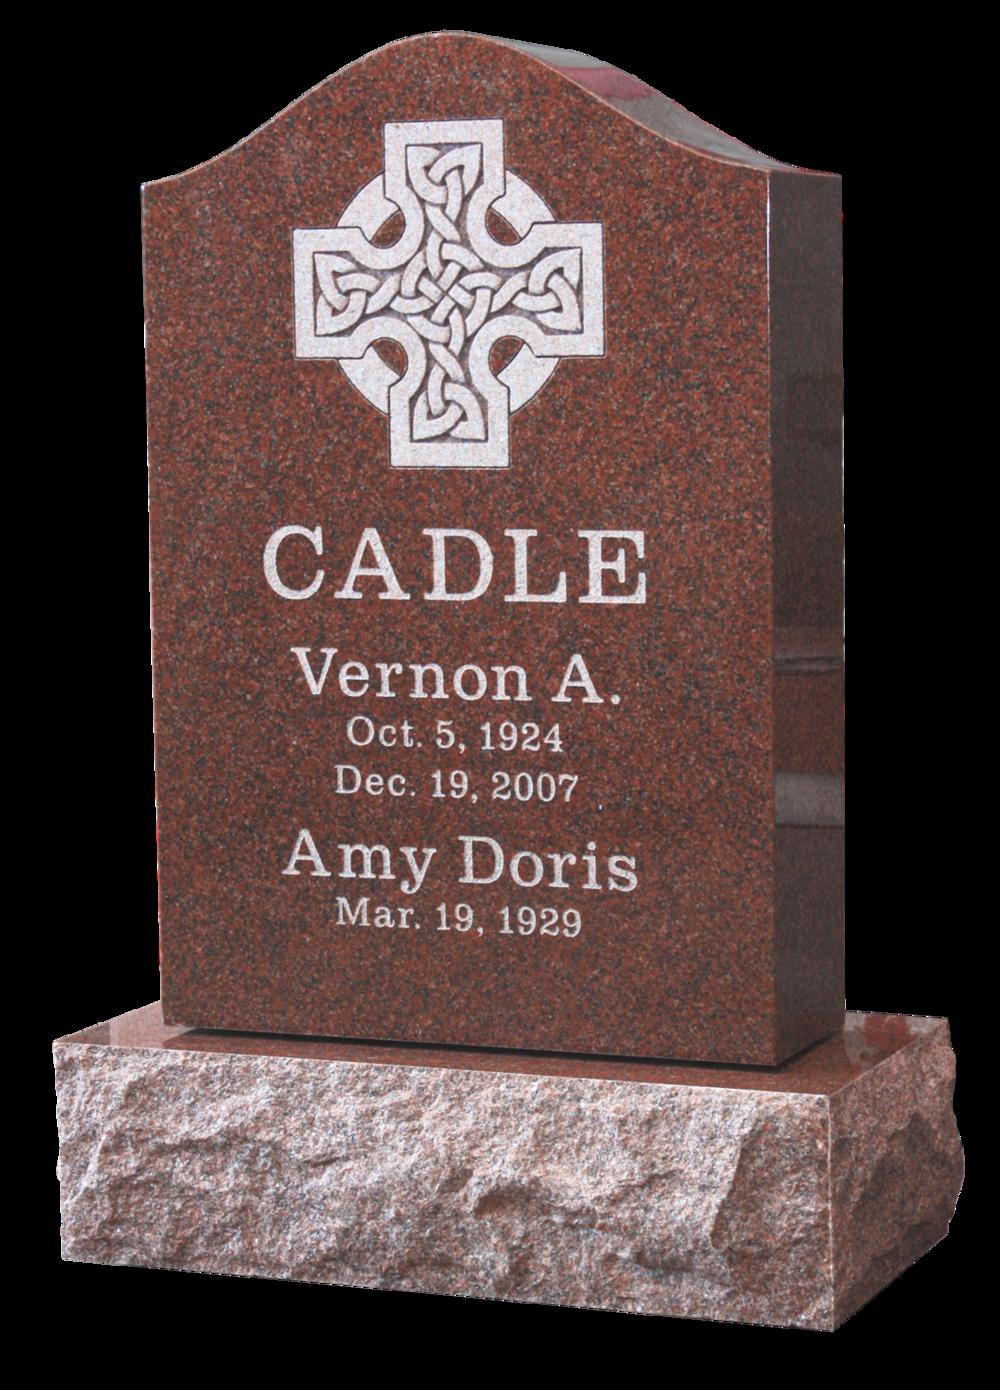 Cadle - Monument.png